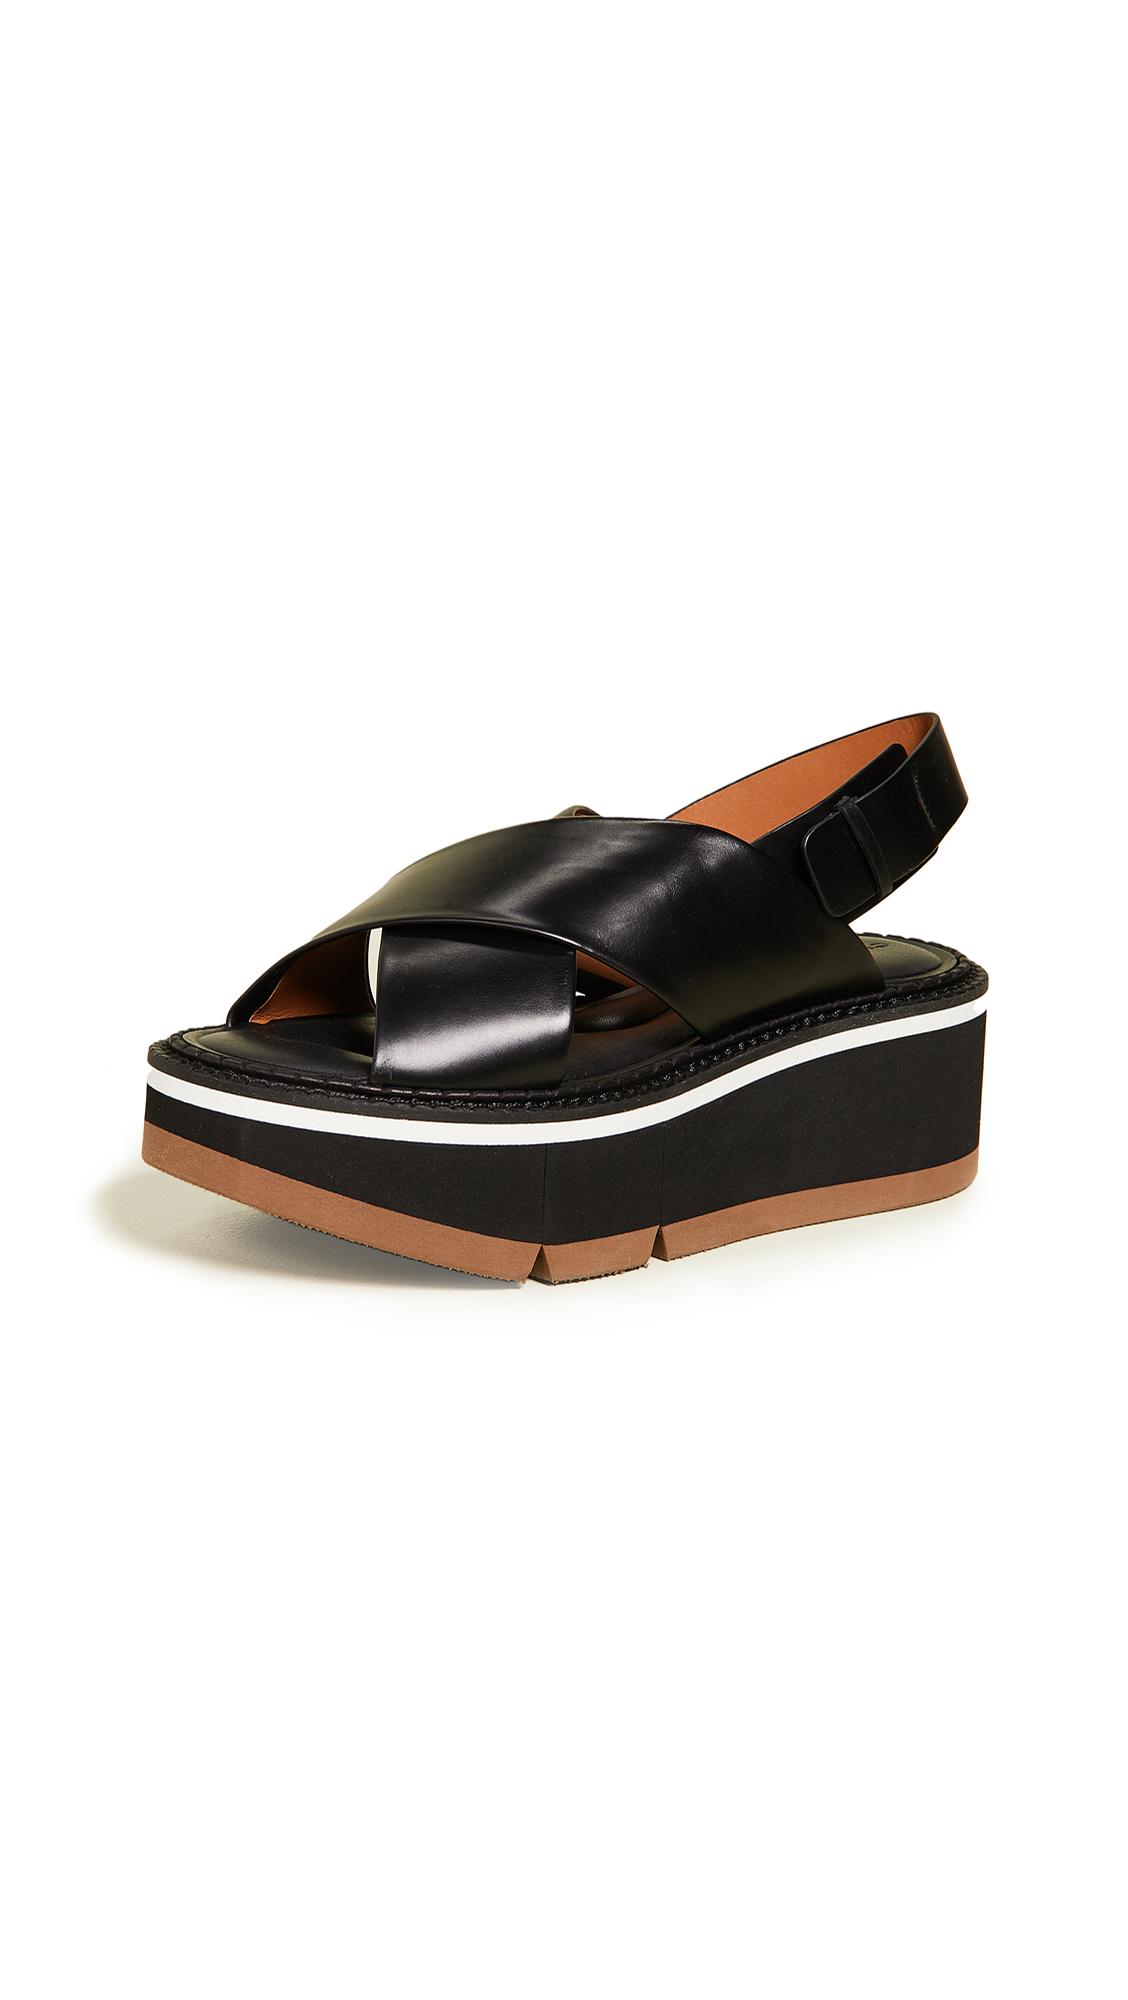 Robert Clergerie Anae Crisscross Sandals - Black